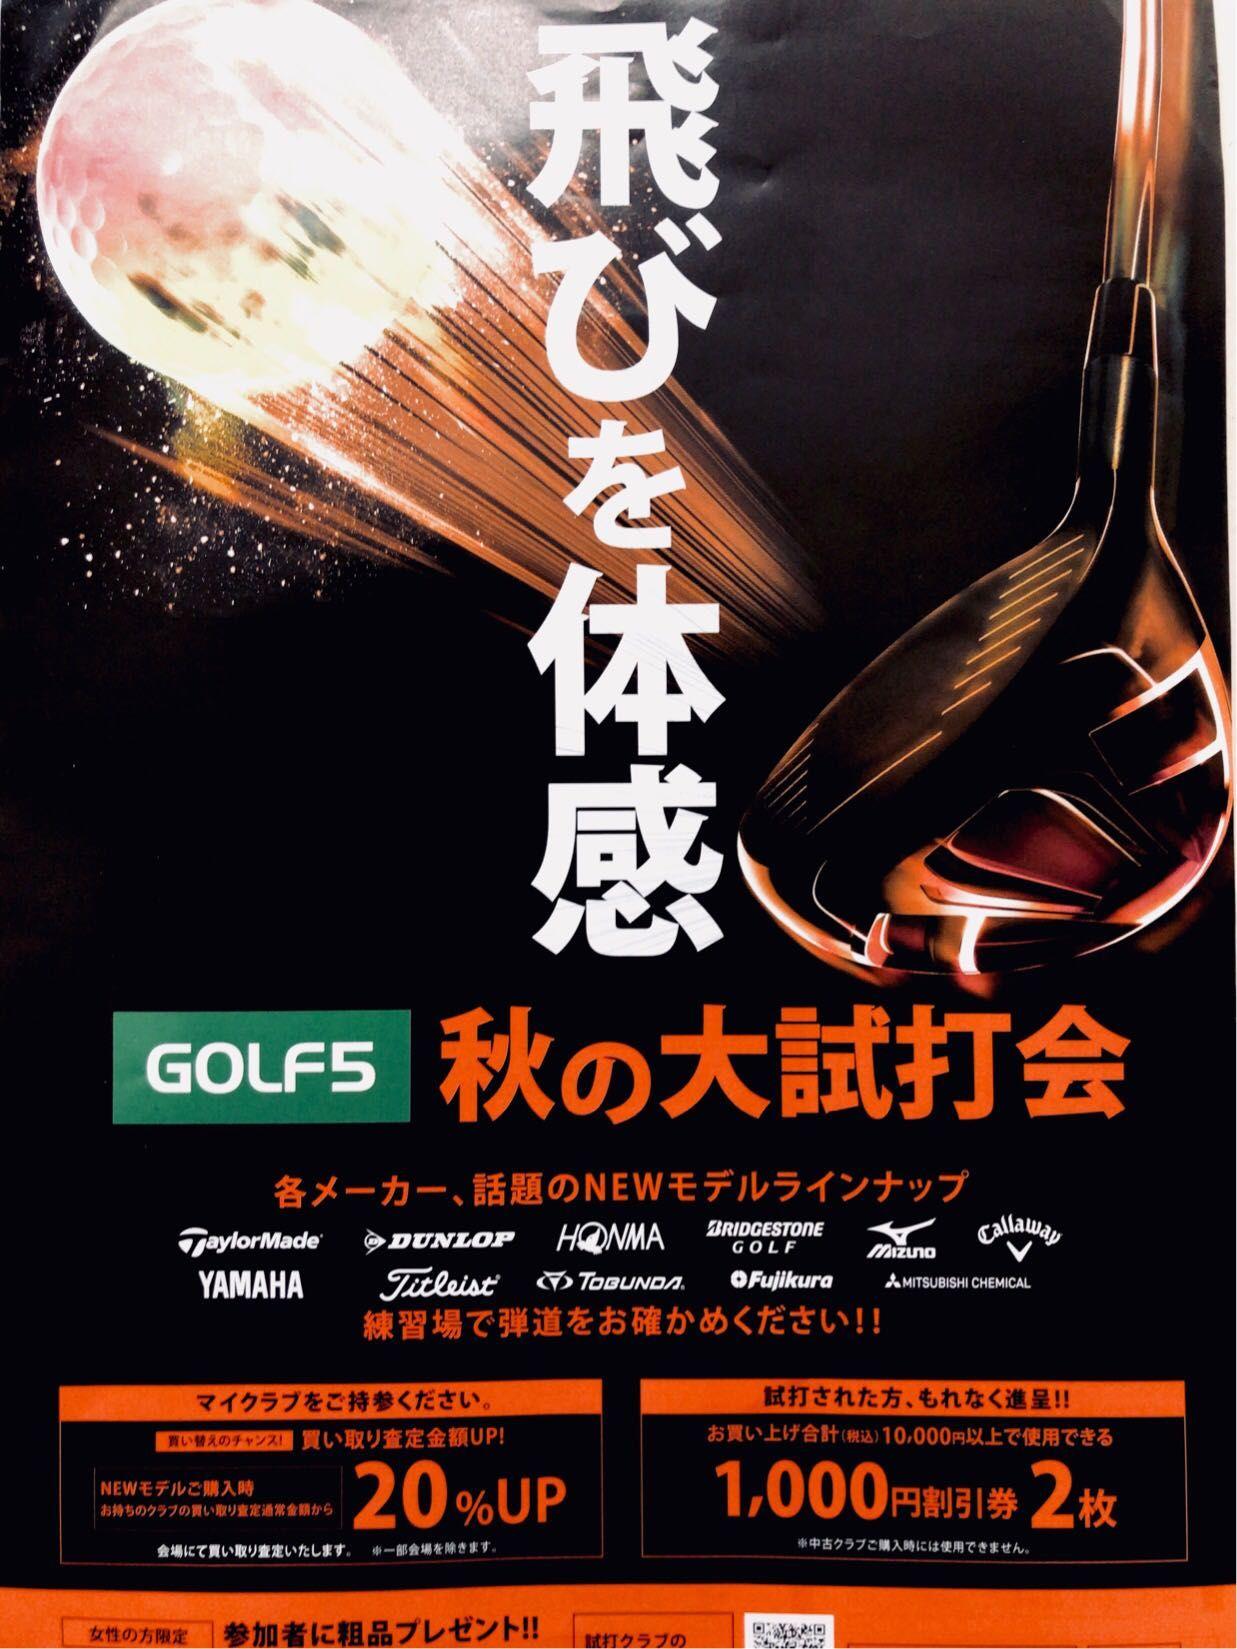 ゴルフ 5 試打 会